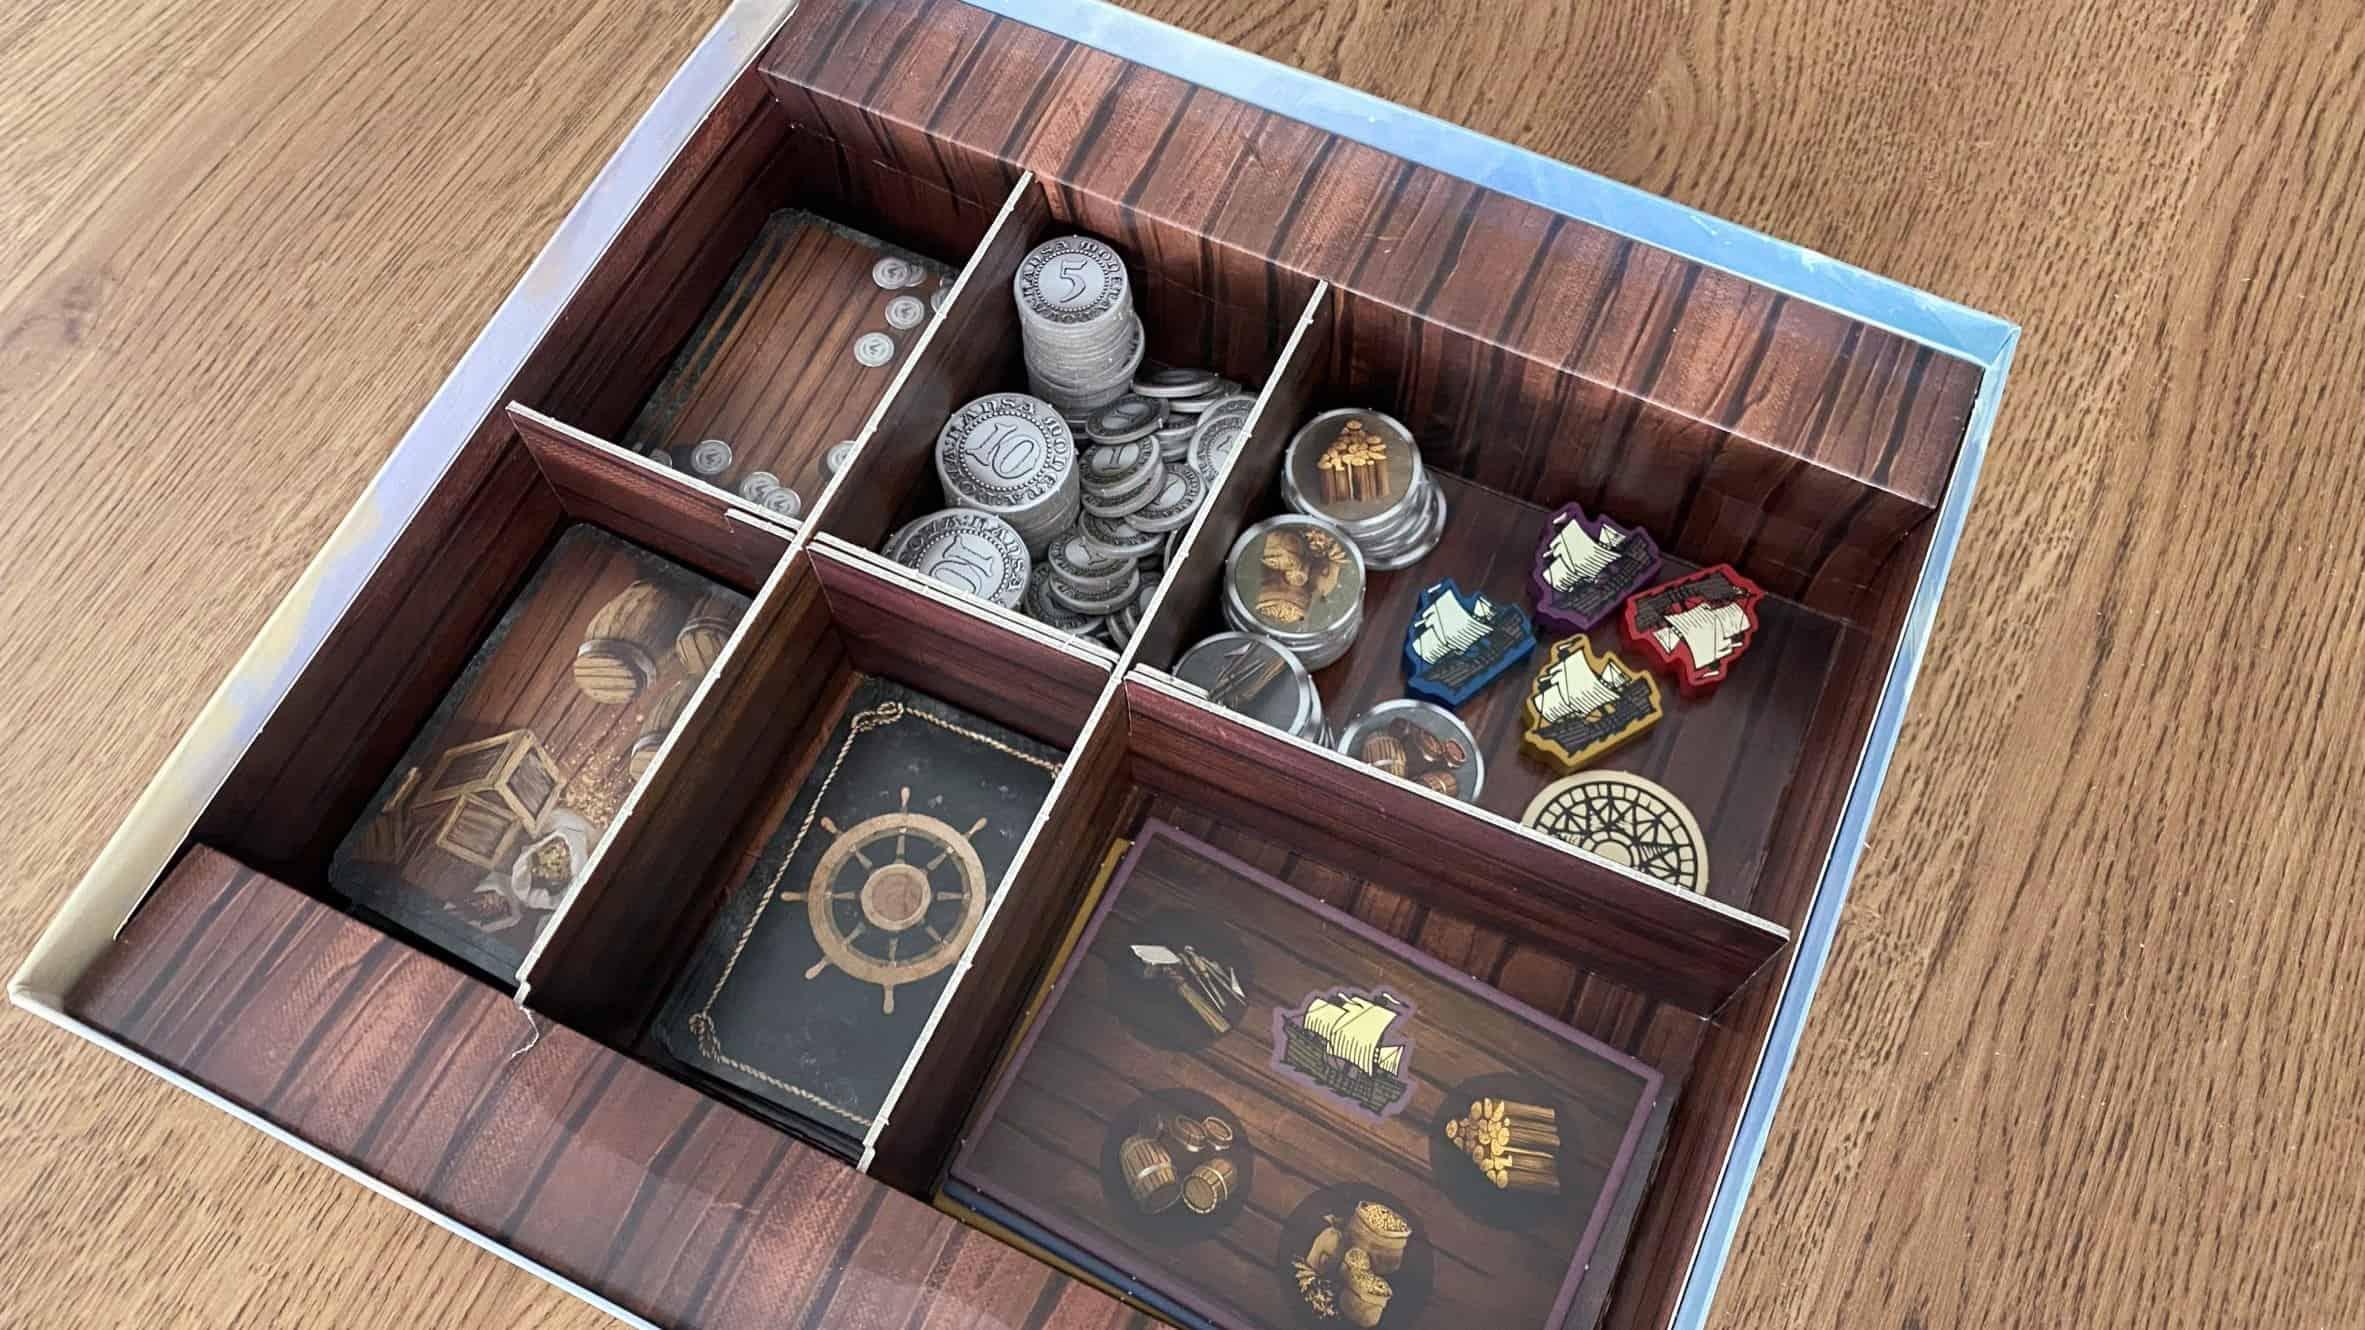 Seas of Hansan laatikon lokerikko täynnä komponentteja